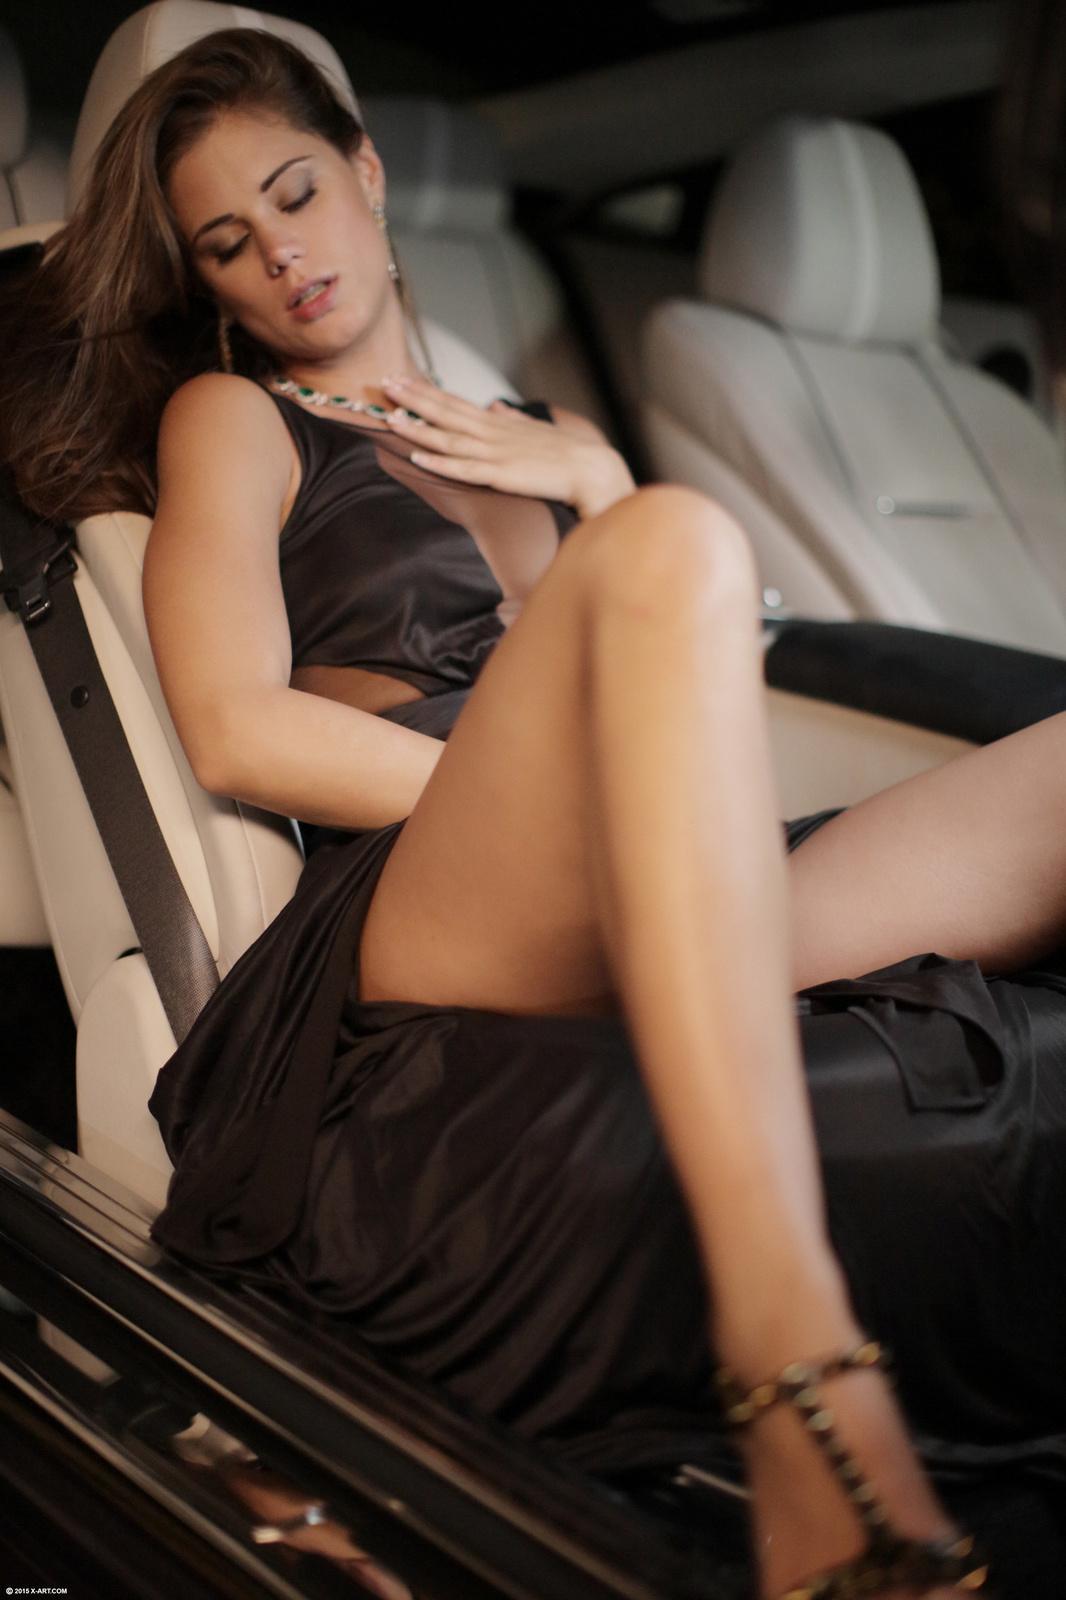 Красавица от мастурбации получает реальное сексуальное наслаждение